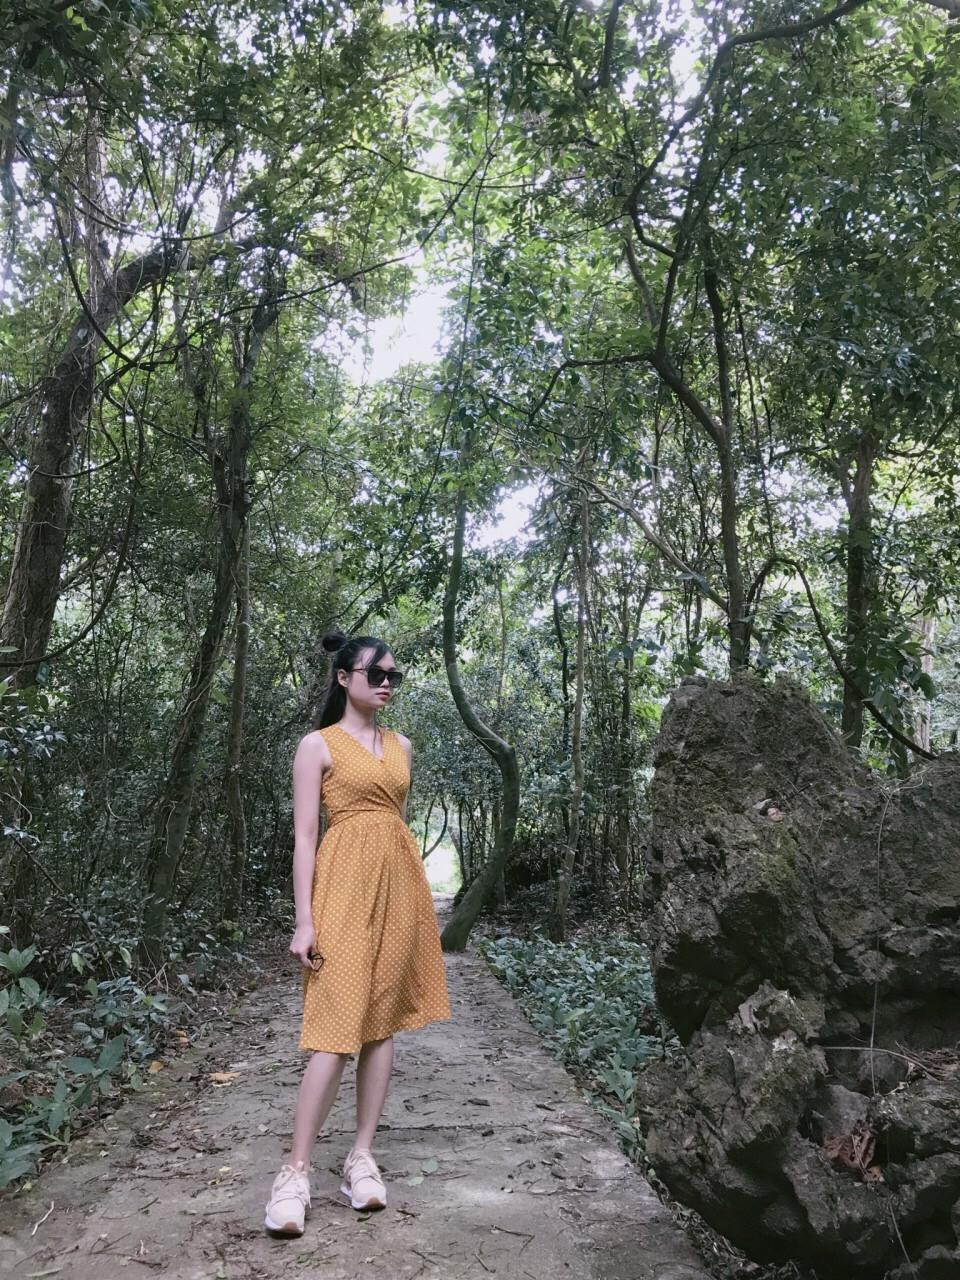 Quảng Bình nắng gió cho mùa hè nhiều trải nghiệm